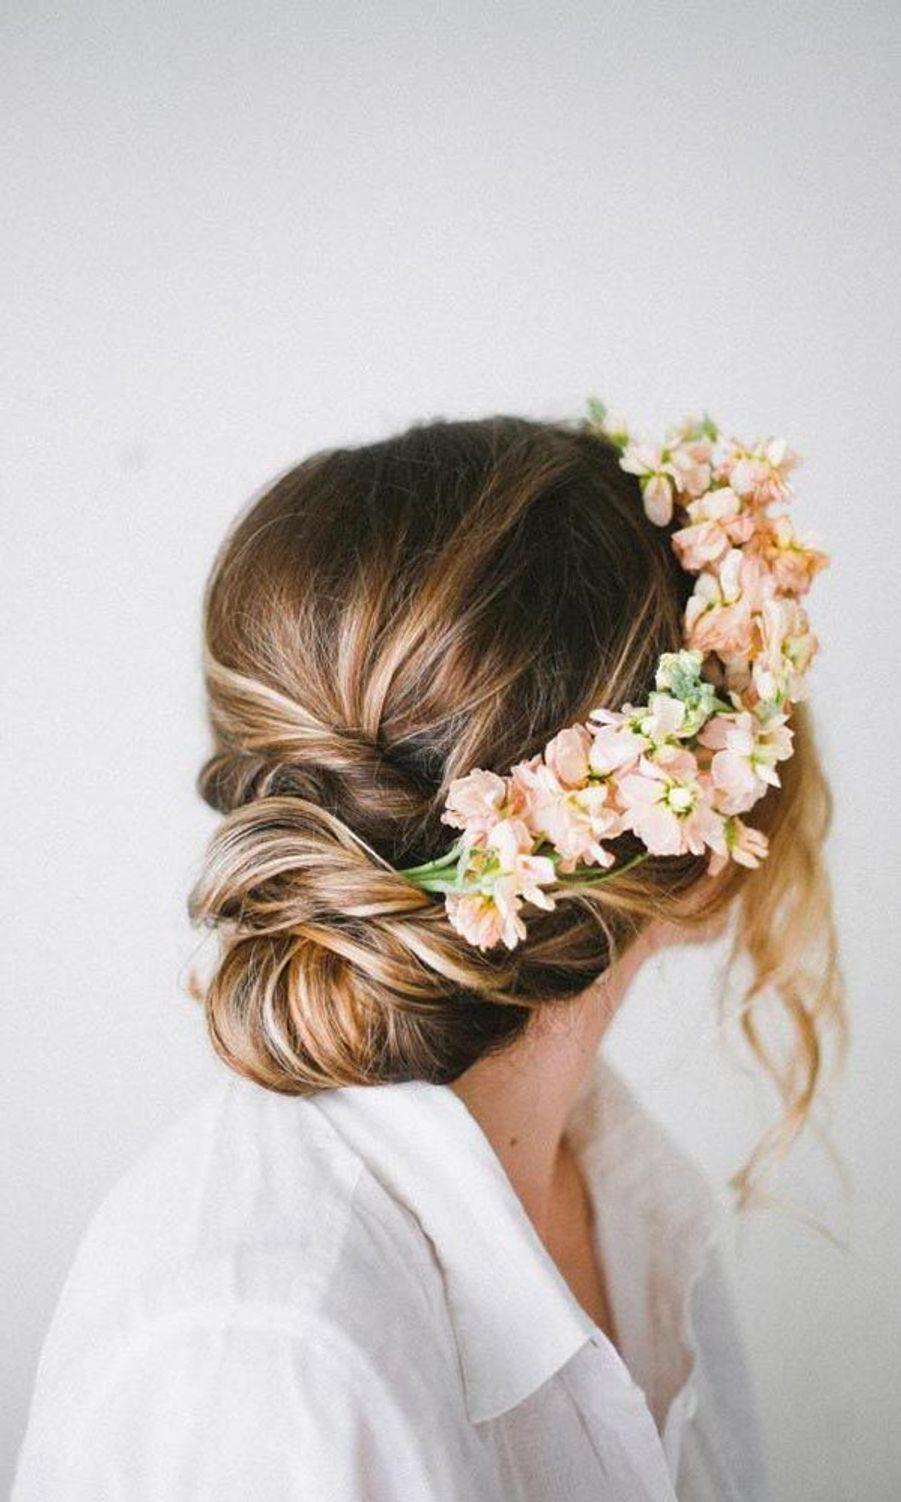 Un chignon flou romantique avec des fleurshttps://www.pinterest.fr/pin/354095589432916294/